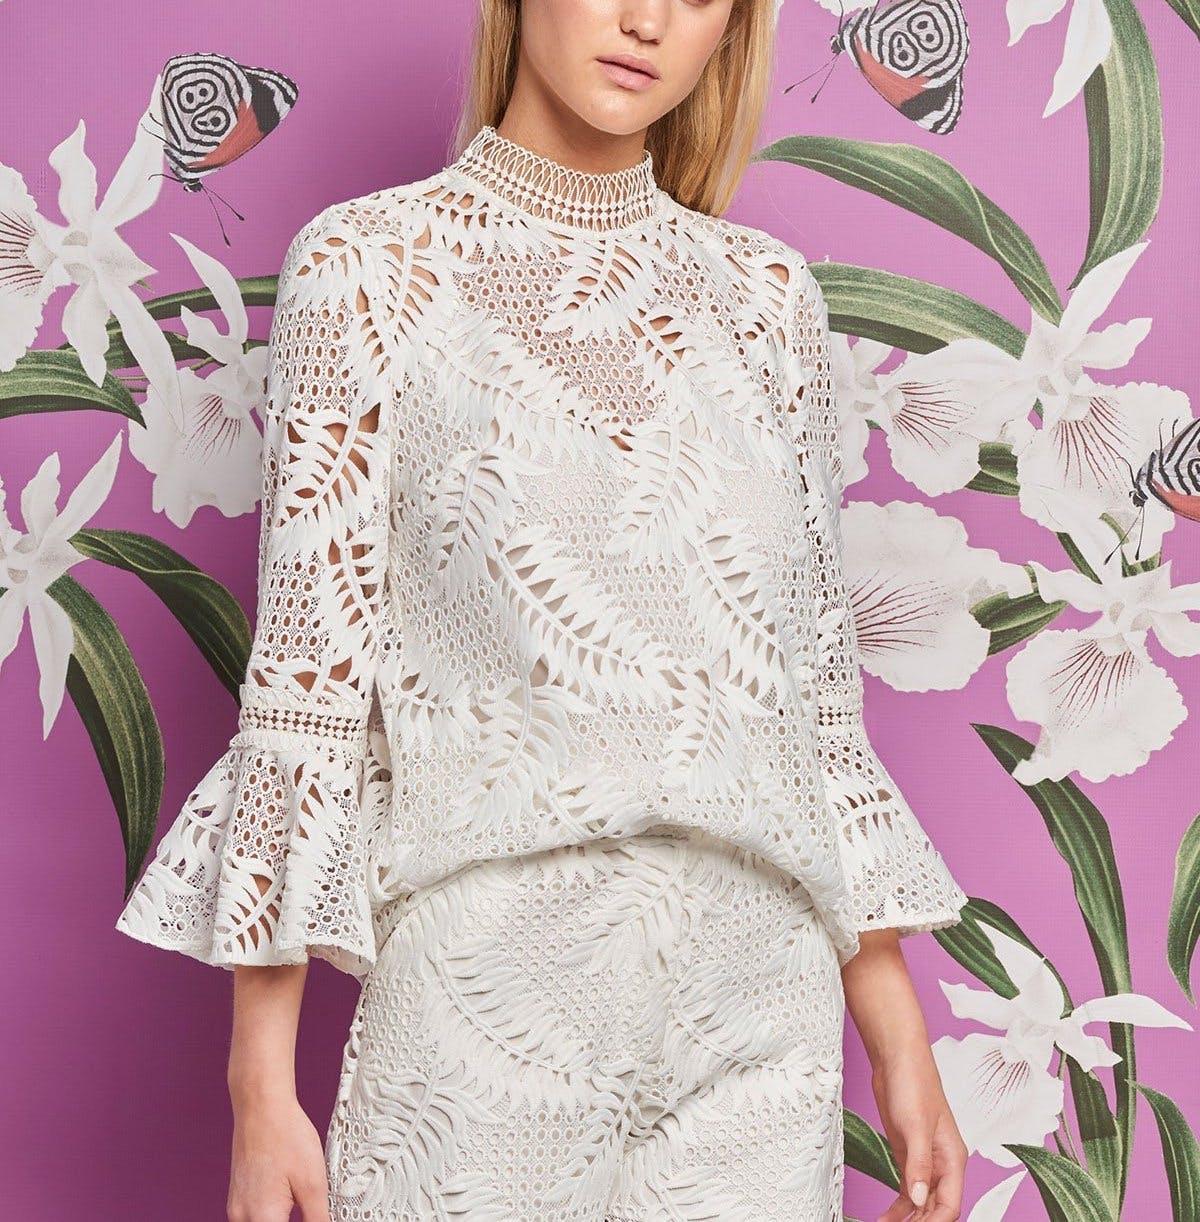 زیباترین مدلهای بلوز زنانه تابستانی که در مهمانیها هم میتوانید بپوشید